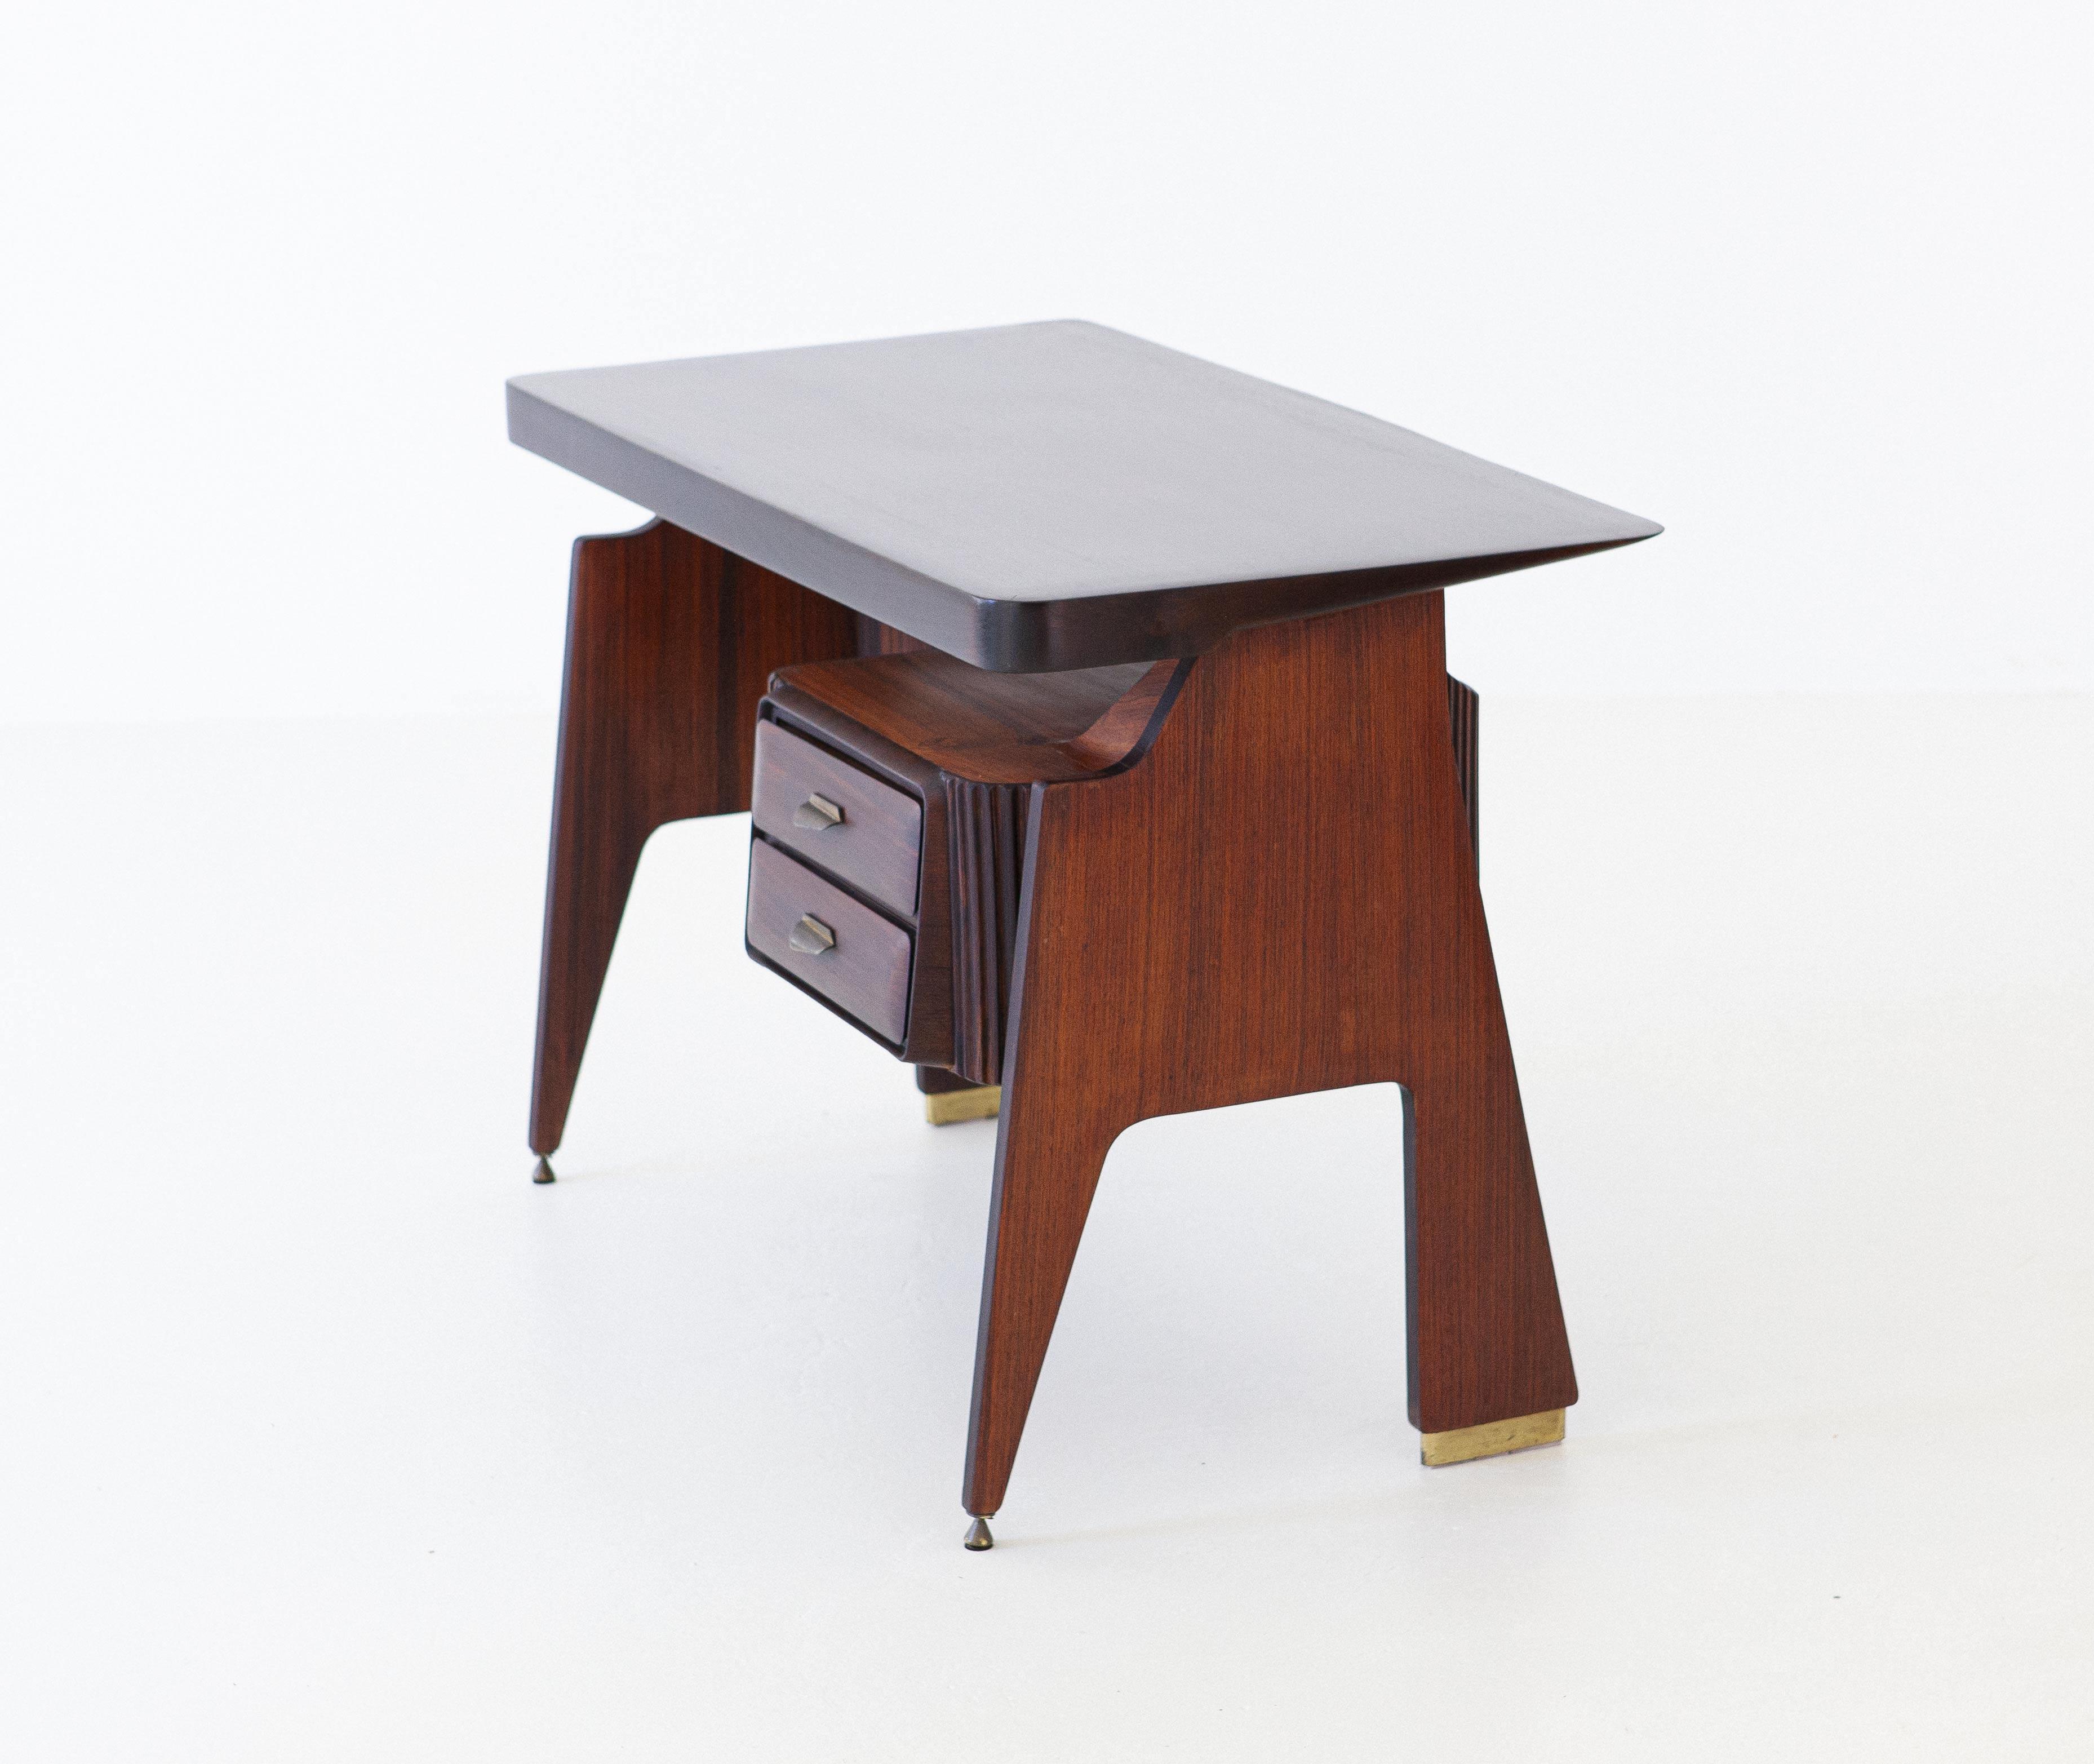 1950s-Italian-rosewood-desk-table-dassi-13-d28